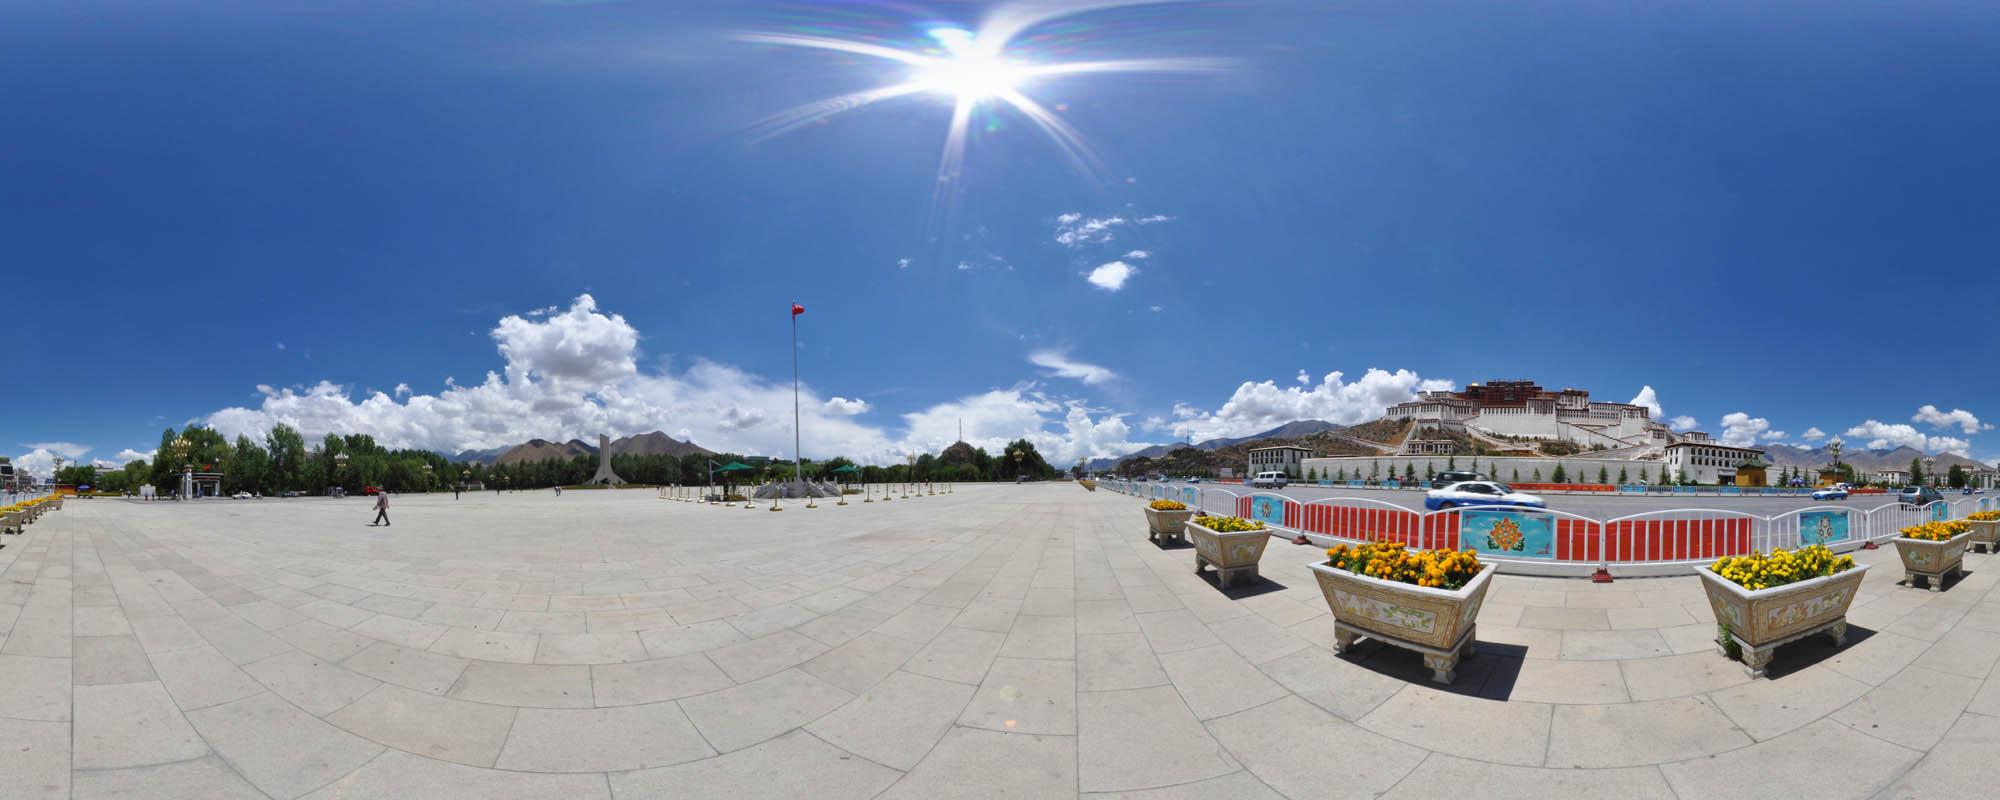 拉萨虚拟旅游